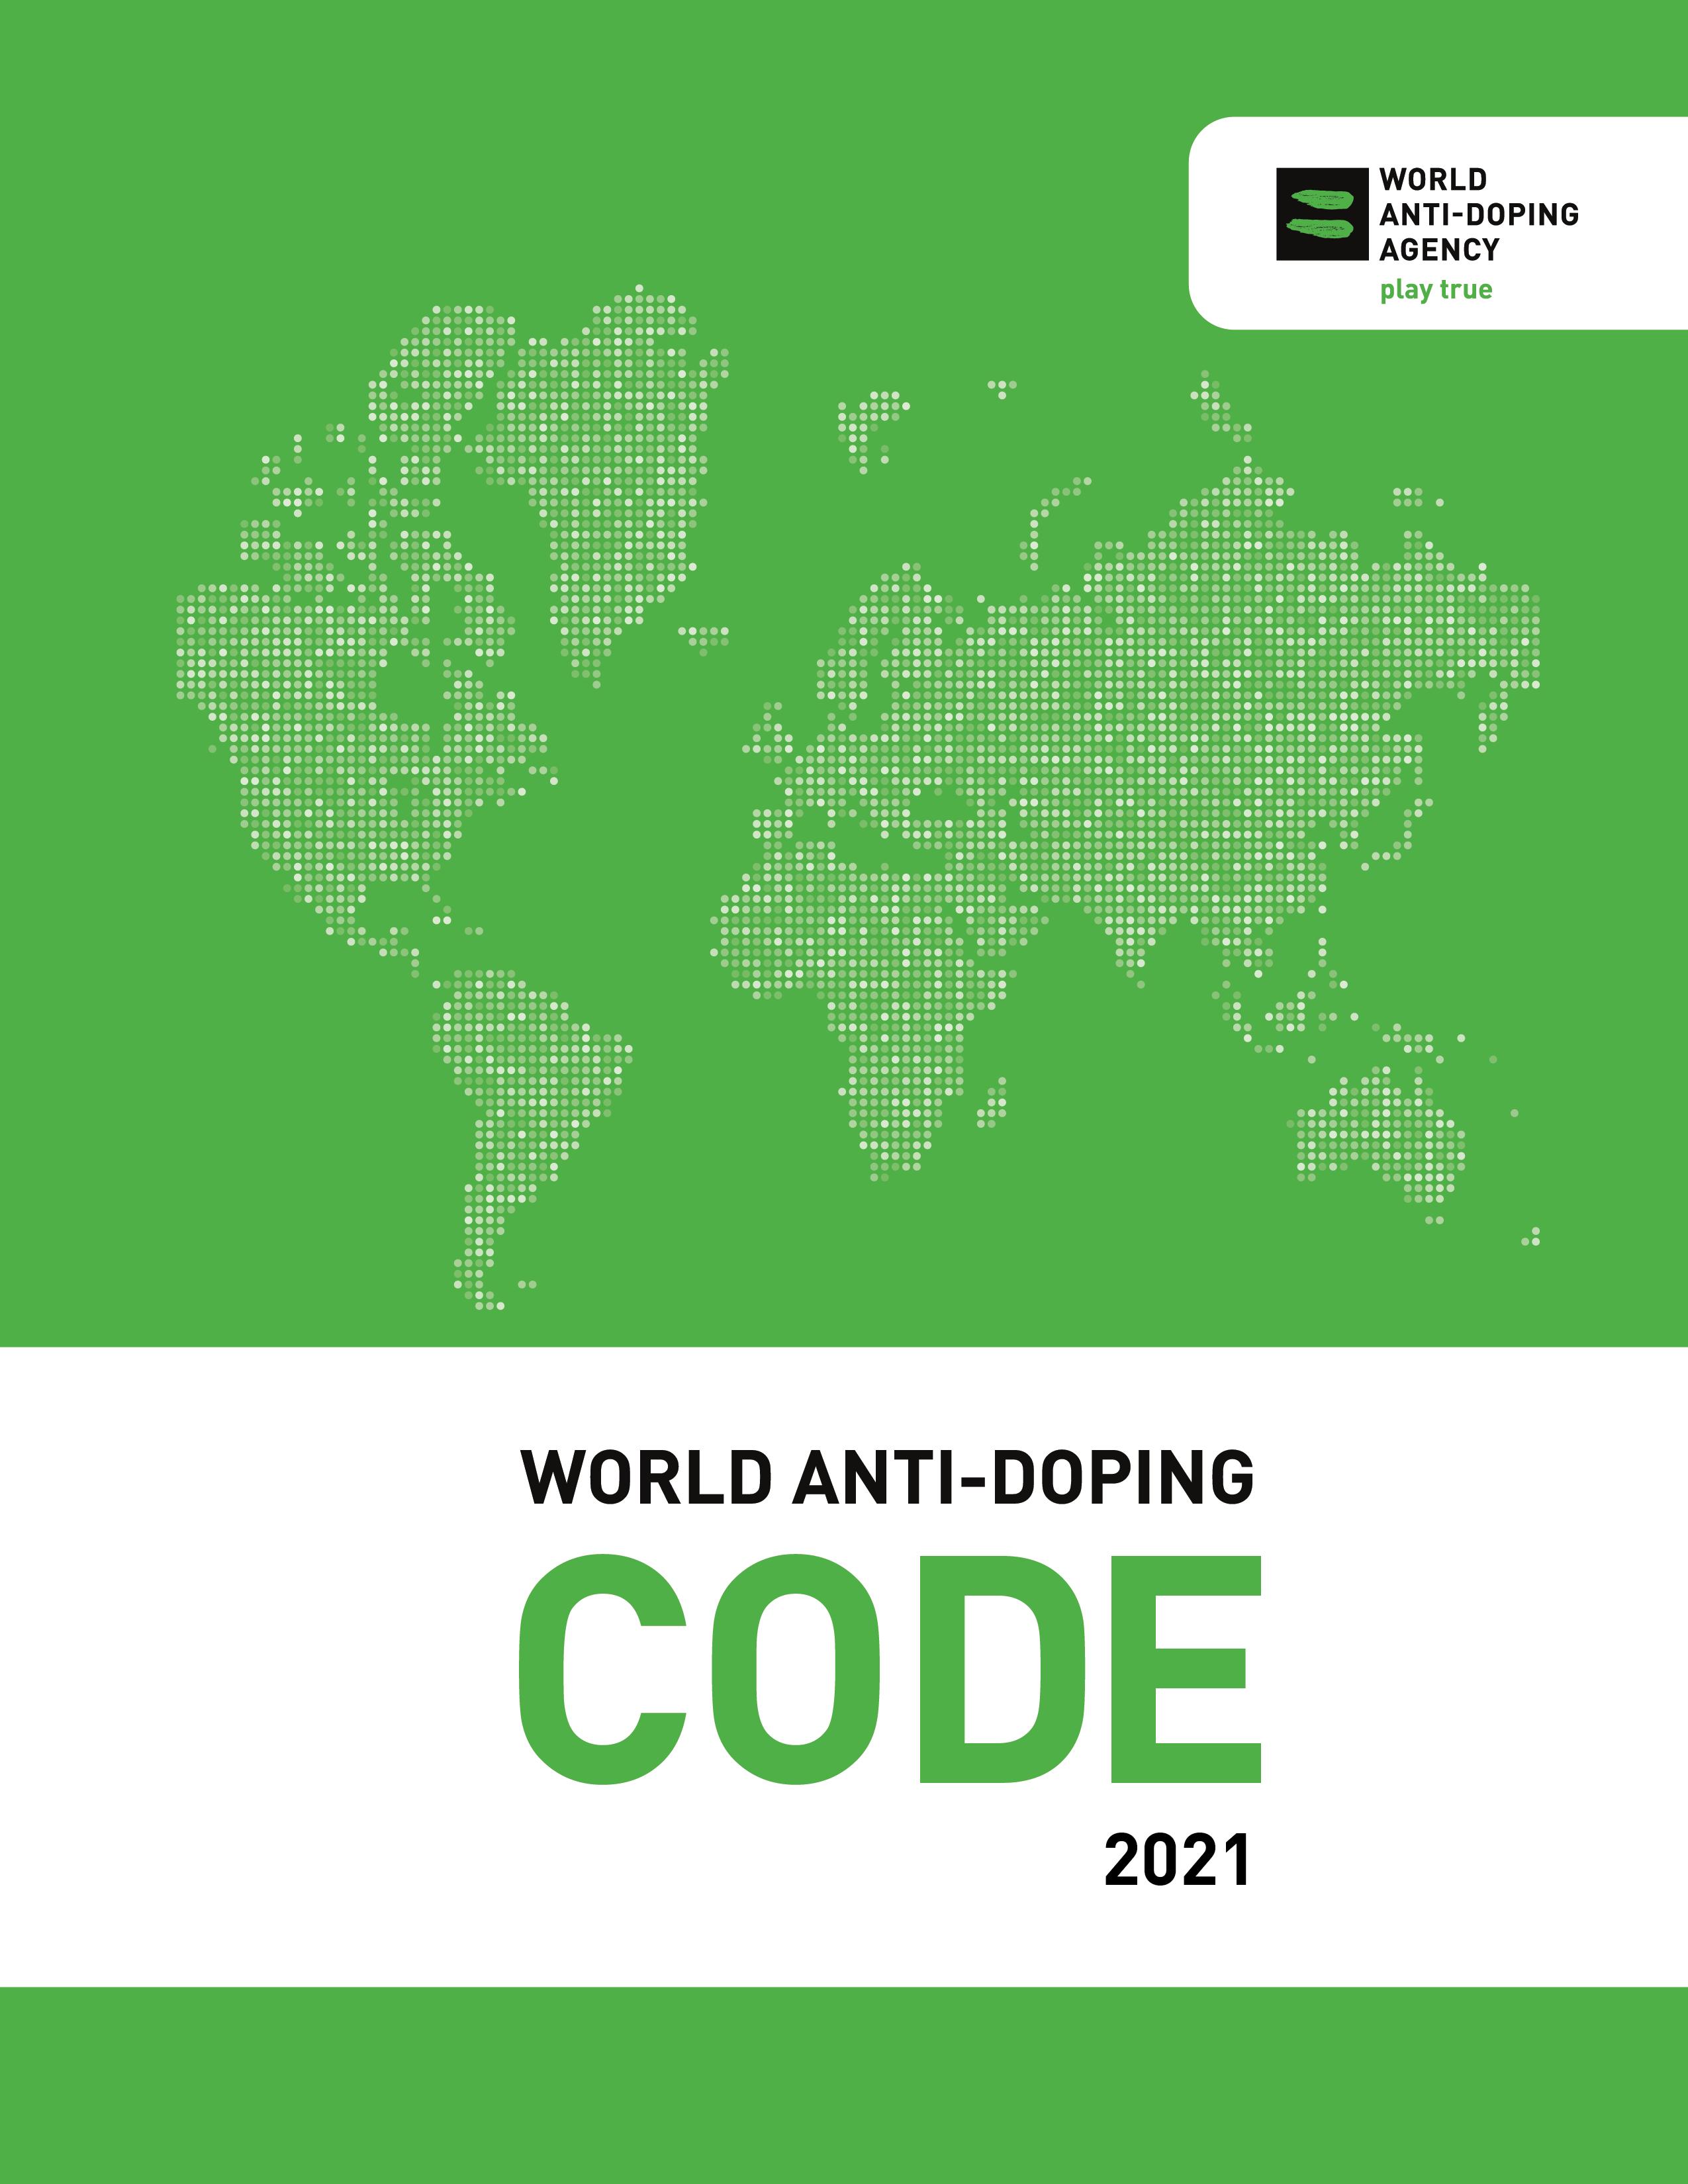 Código Mundial Antidopaje 2021